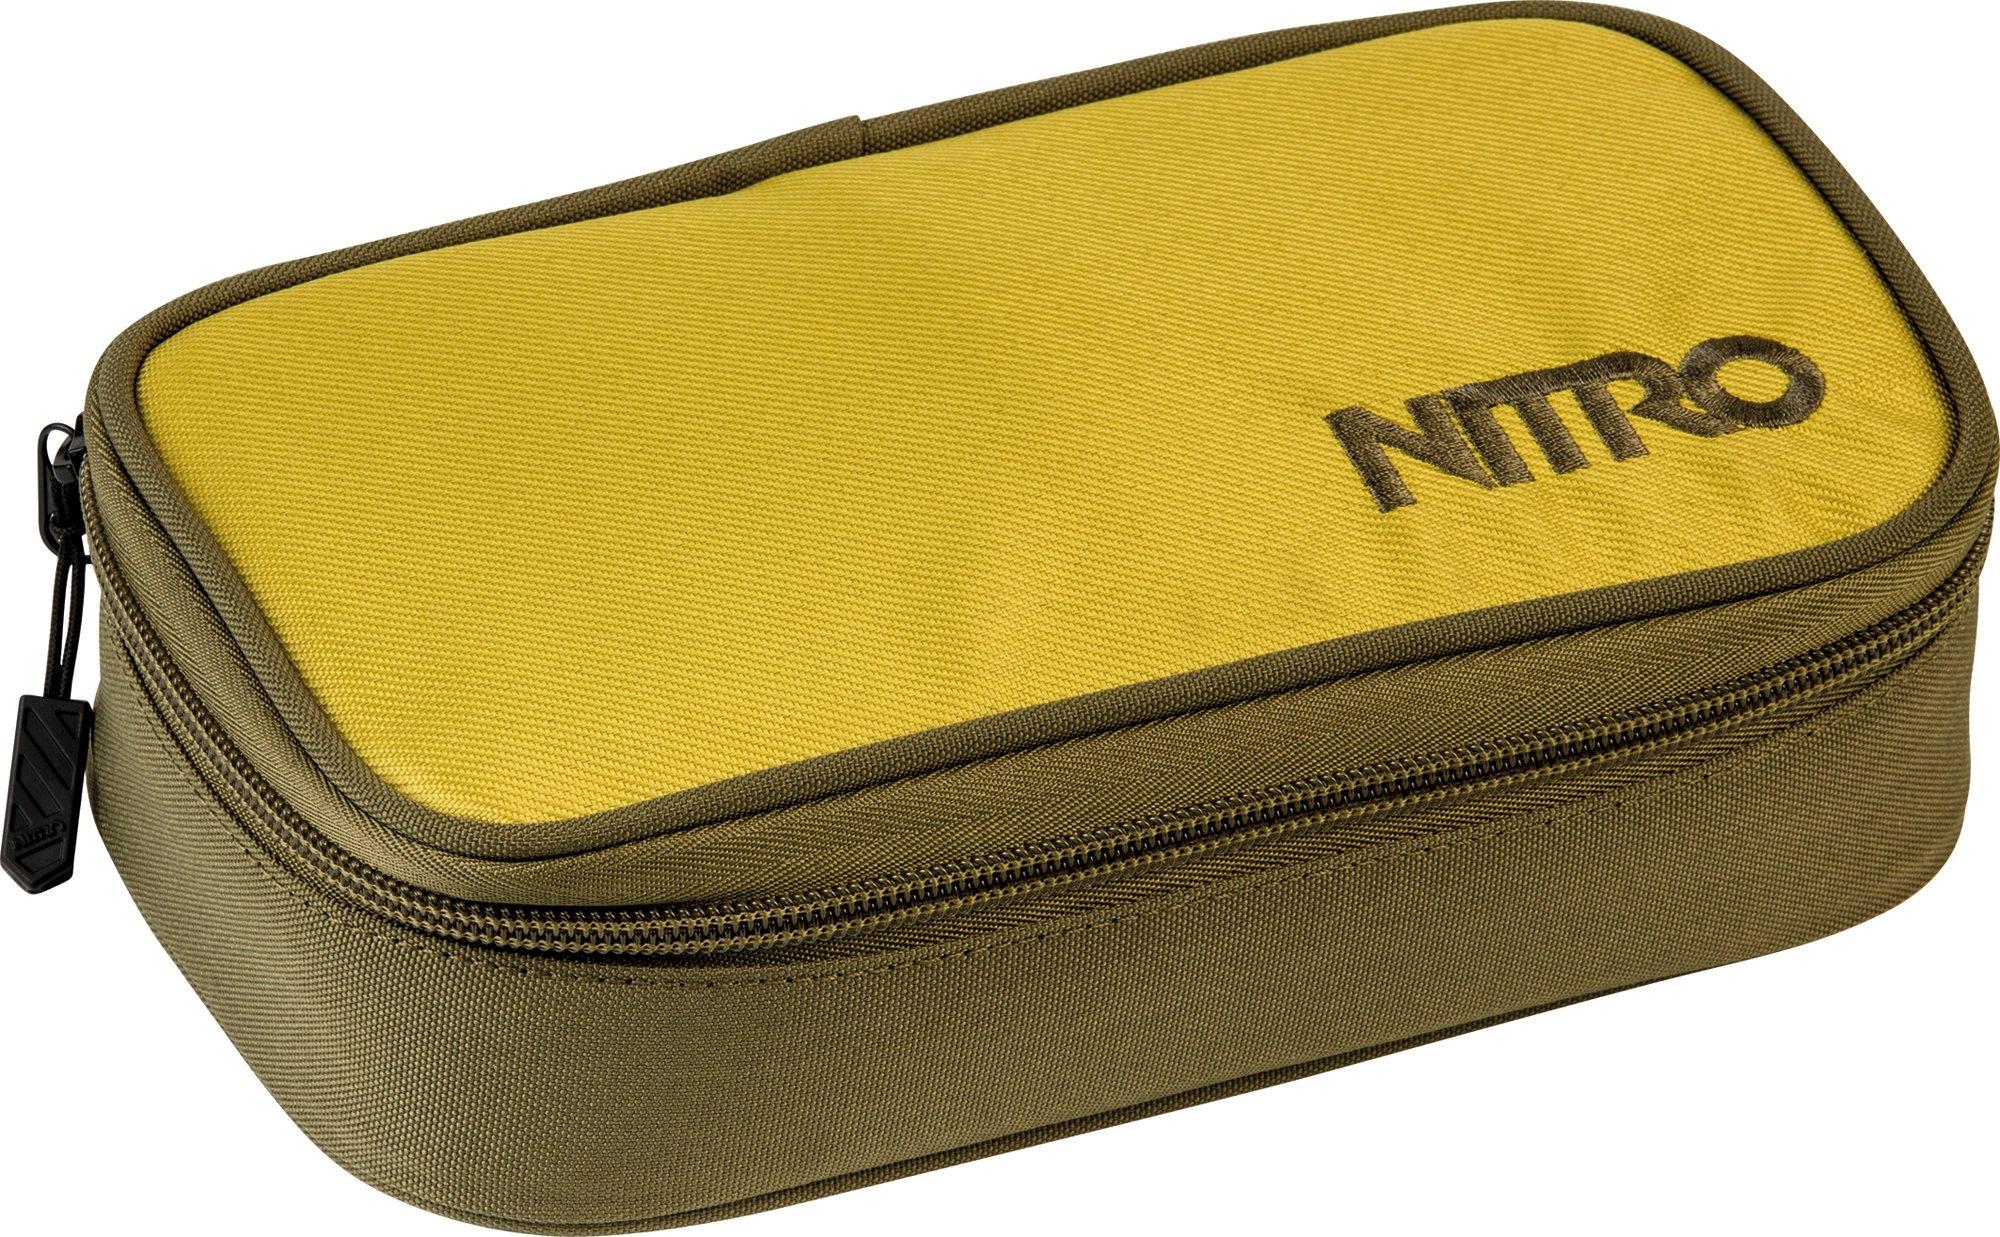 Nitro schrijfetui, »Pencil Case XL Golden Mud« nu online bestellen